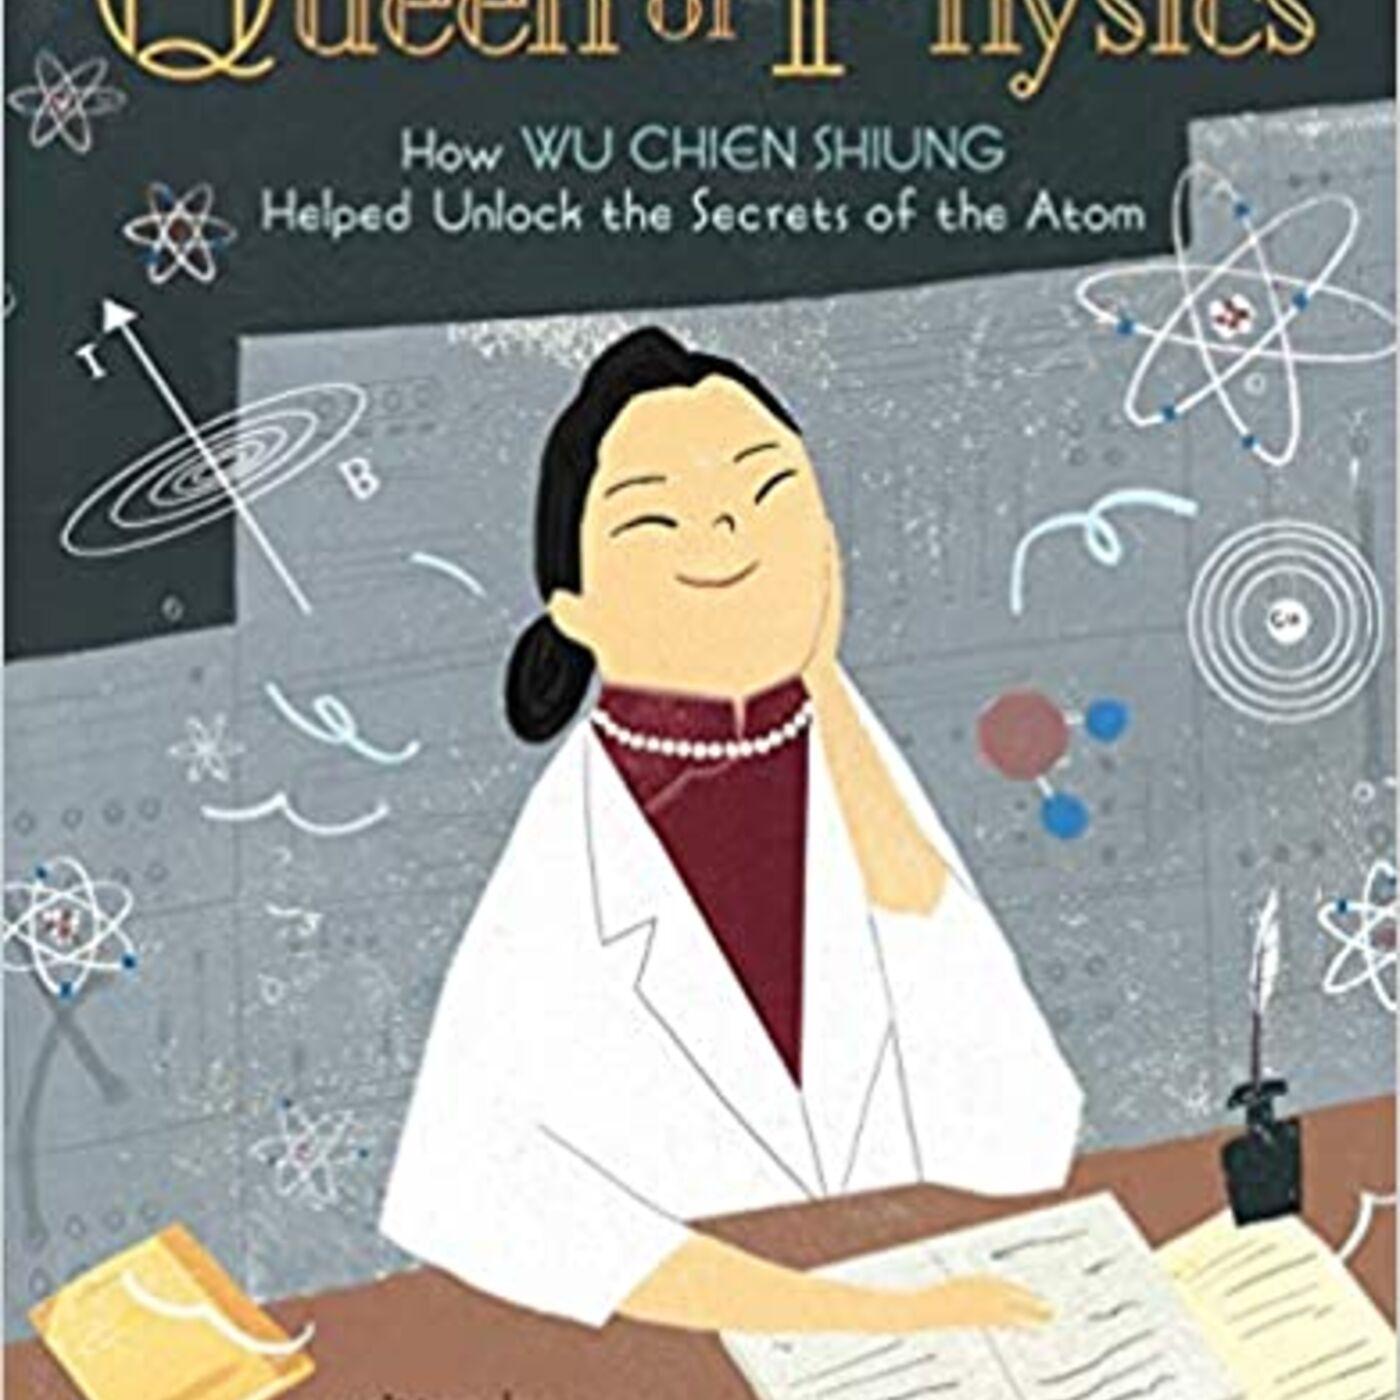 《英文朗读集 – Queen of Physics》